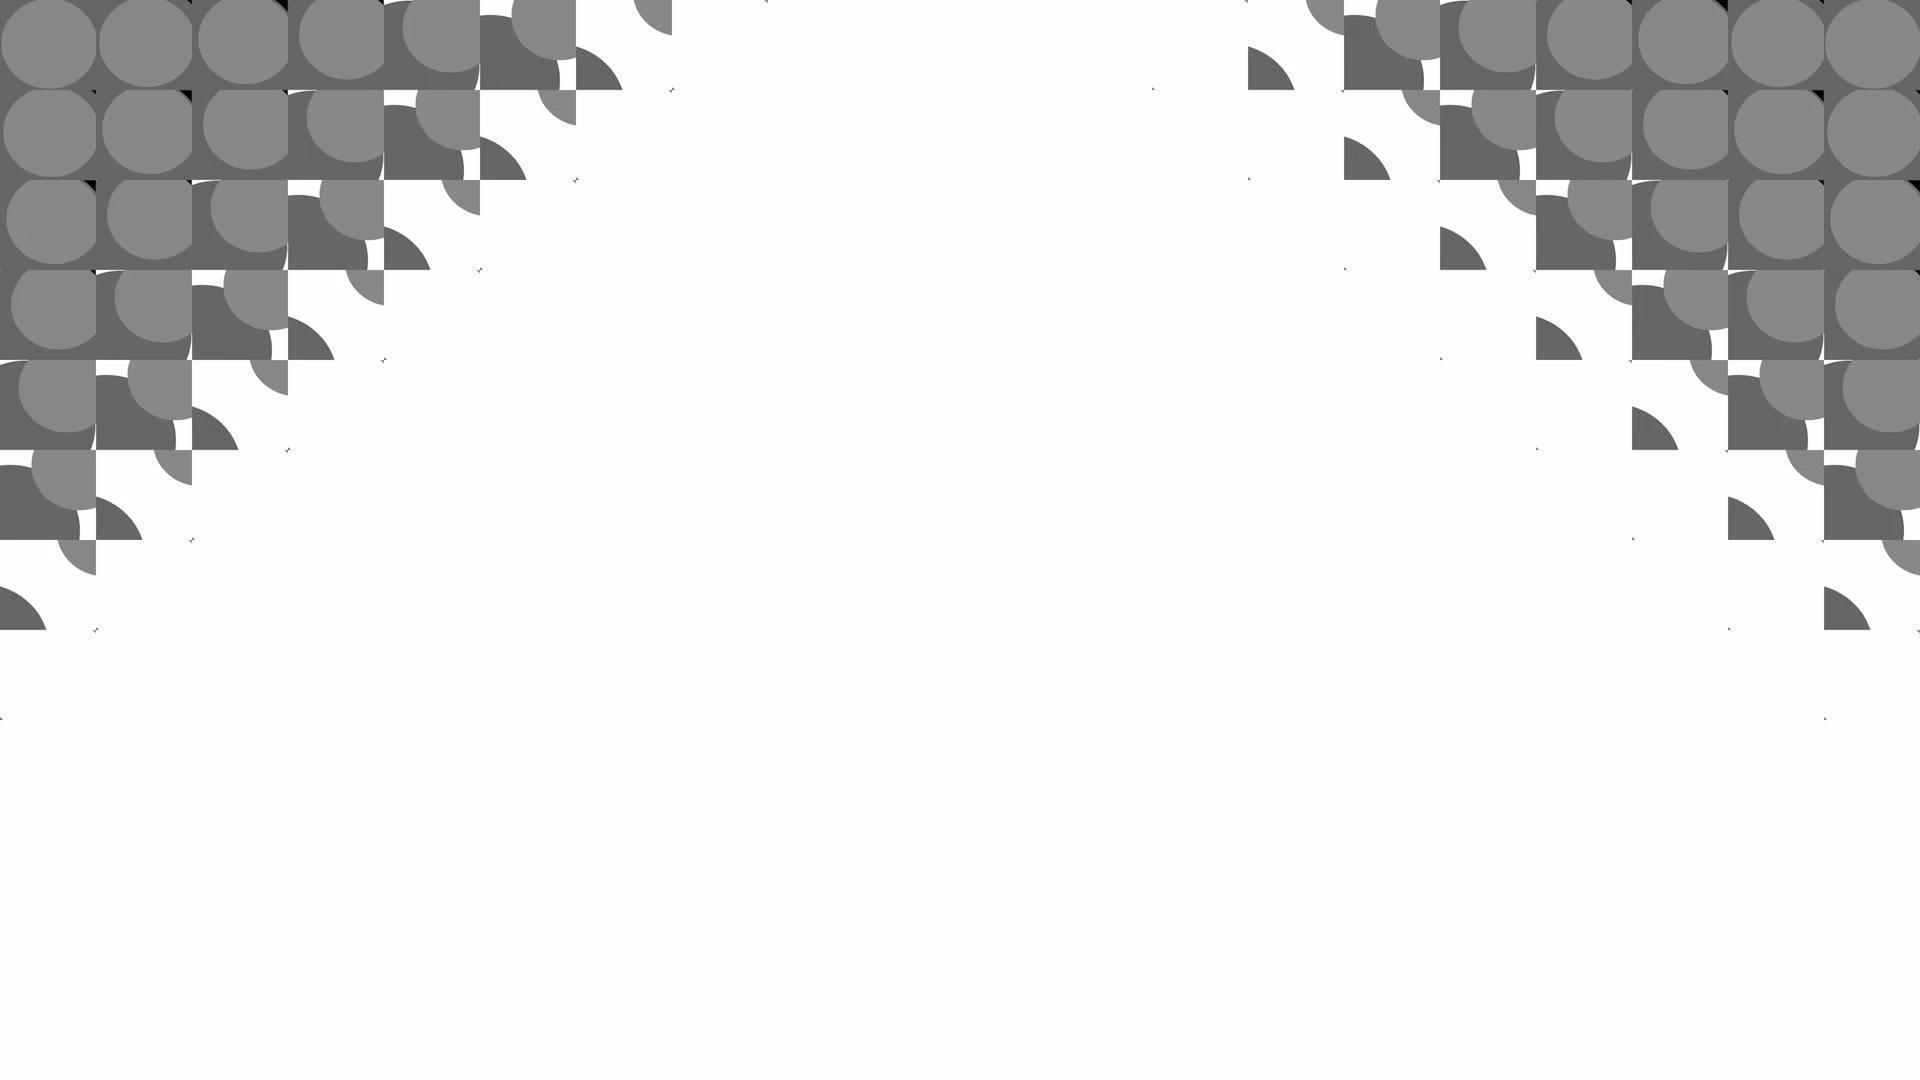 几何圆过渡素材3